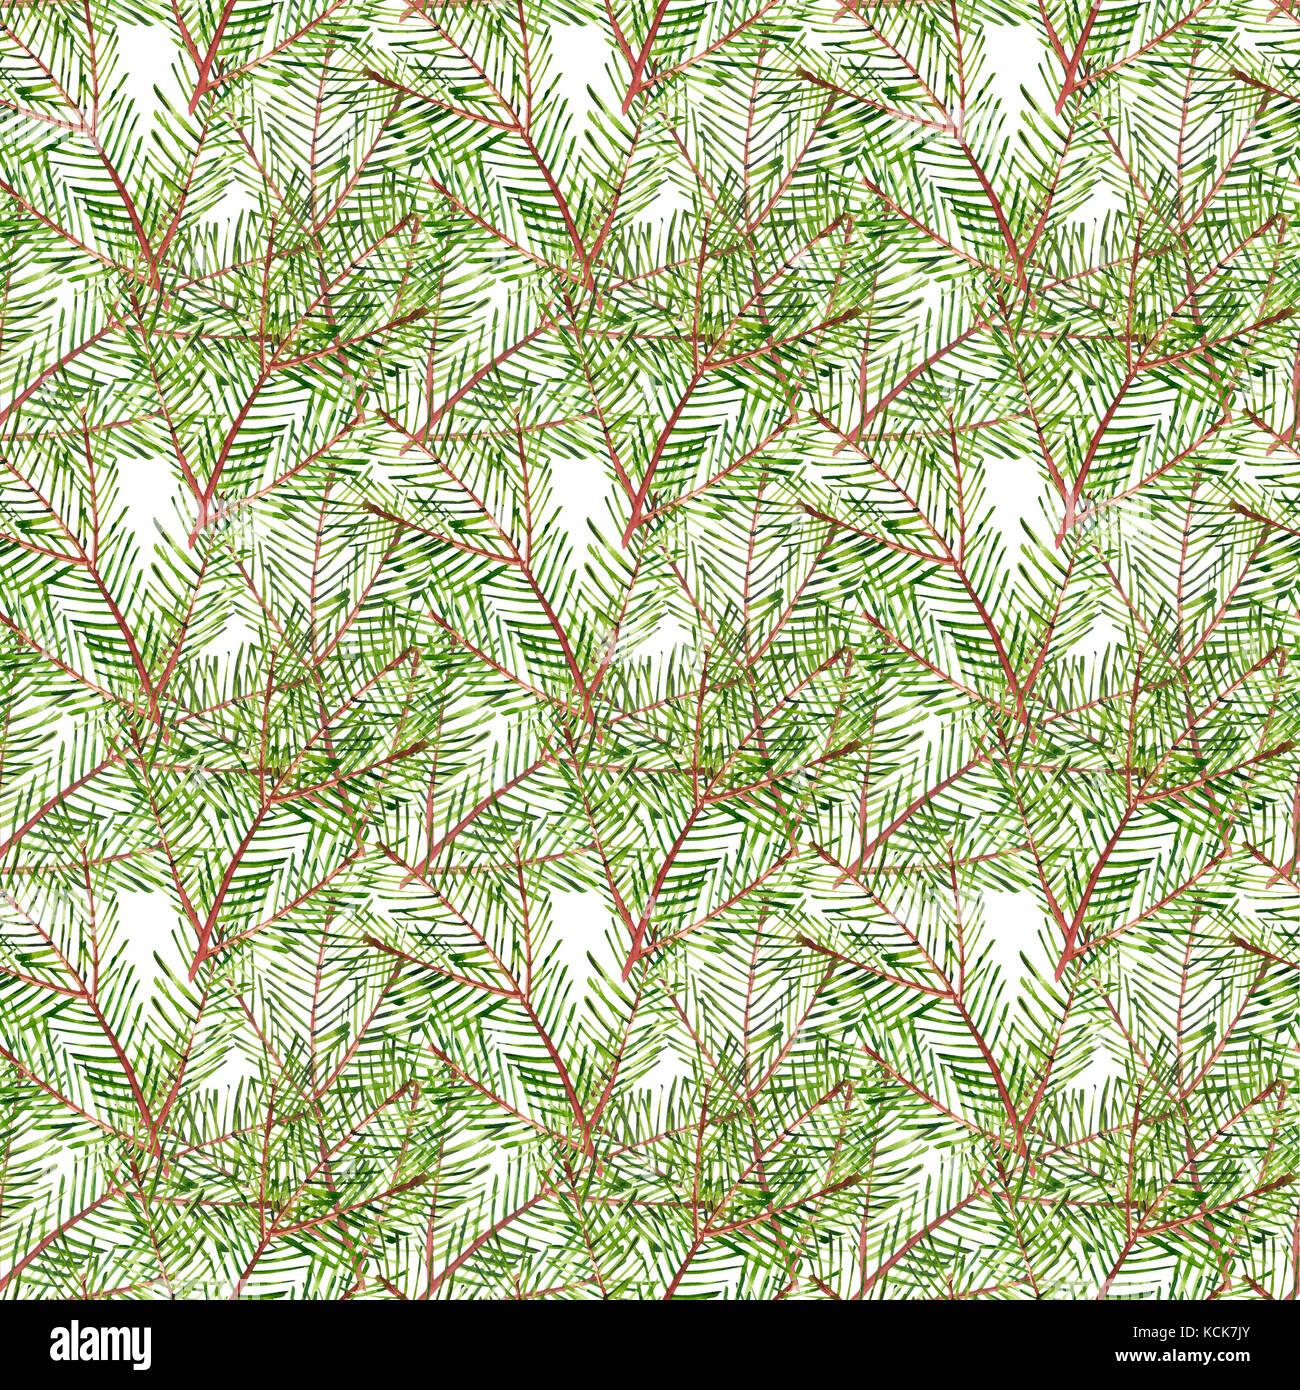 Branche D Arbre Sapin De Noel modèle logique des branches d'arbre de noël. aquarelle